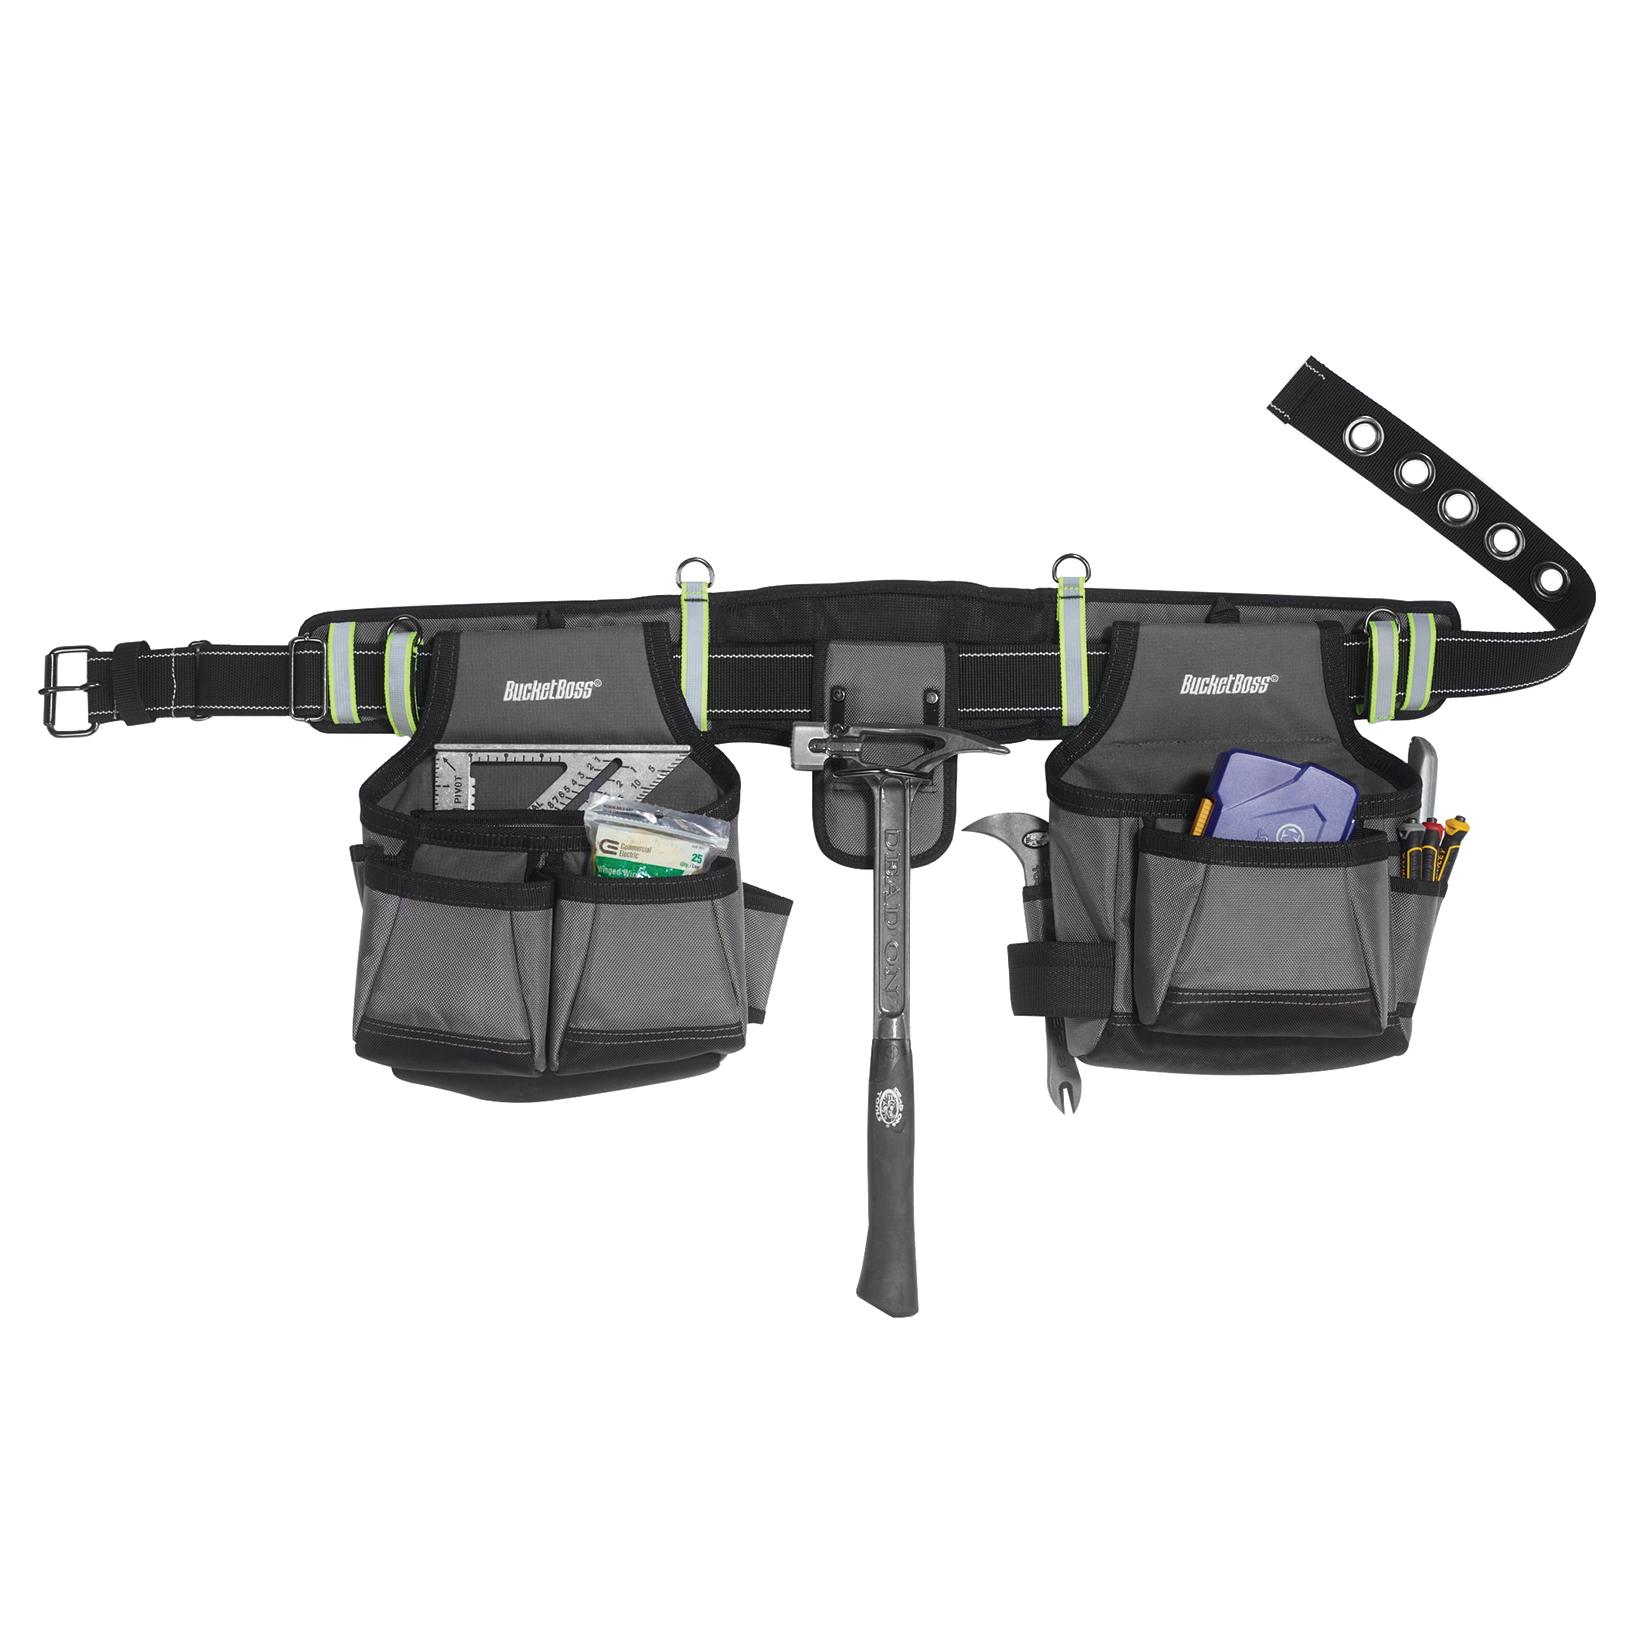 """Bucket Boss 55105-HV 29 Pocket 52"""" Adjustable Gray Contractor's Rig by PULL R HOLDINGS LLC-BUCKETBOSS"""